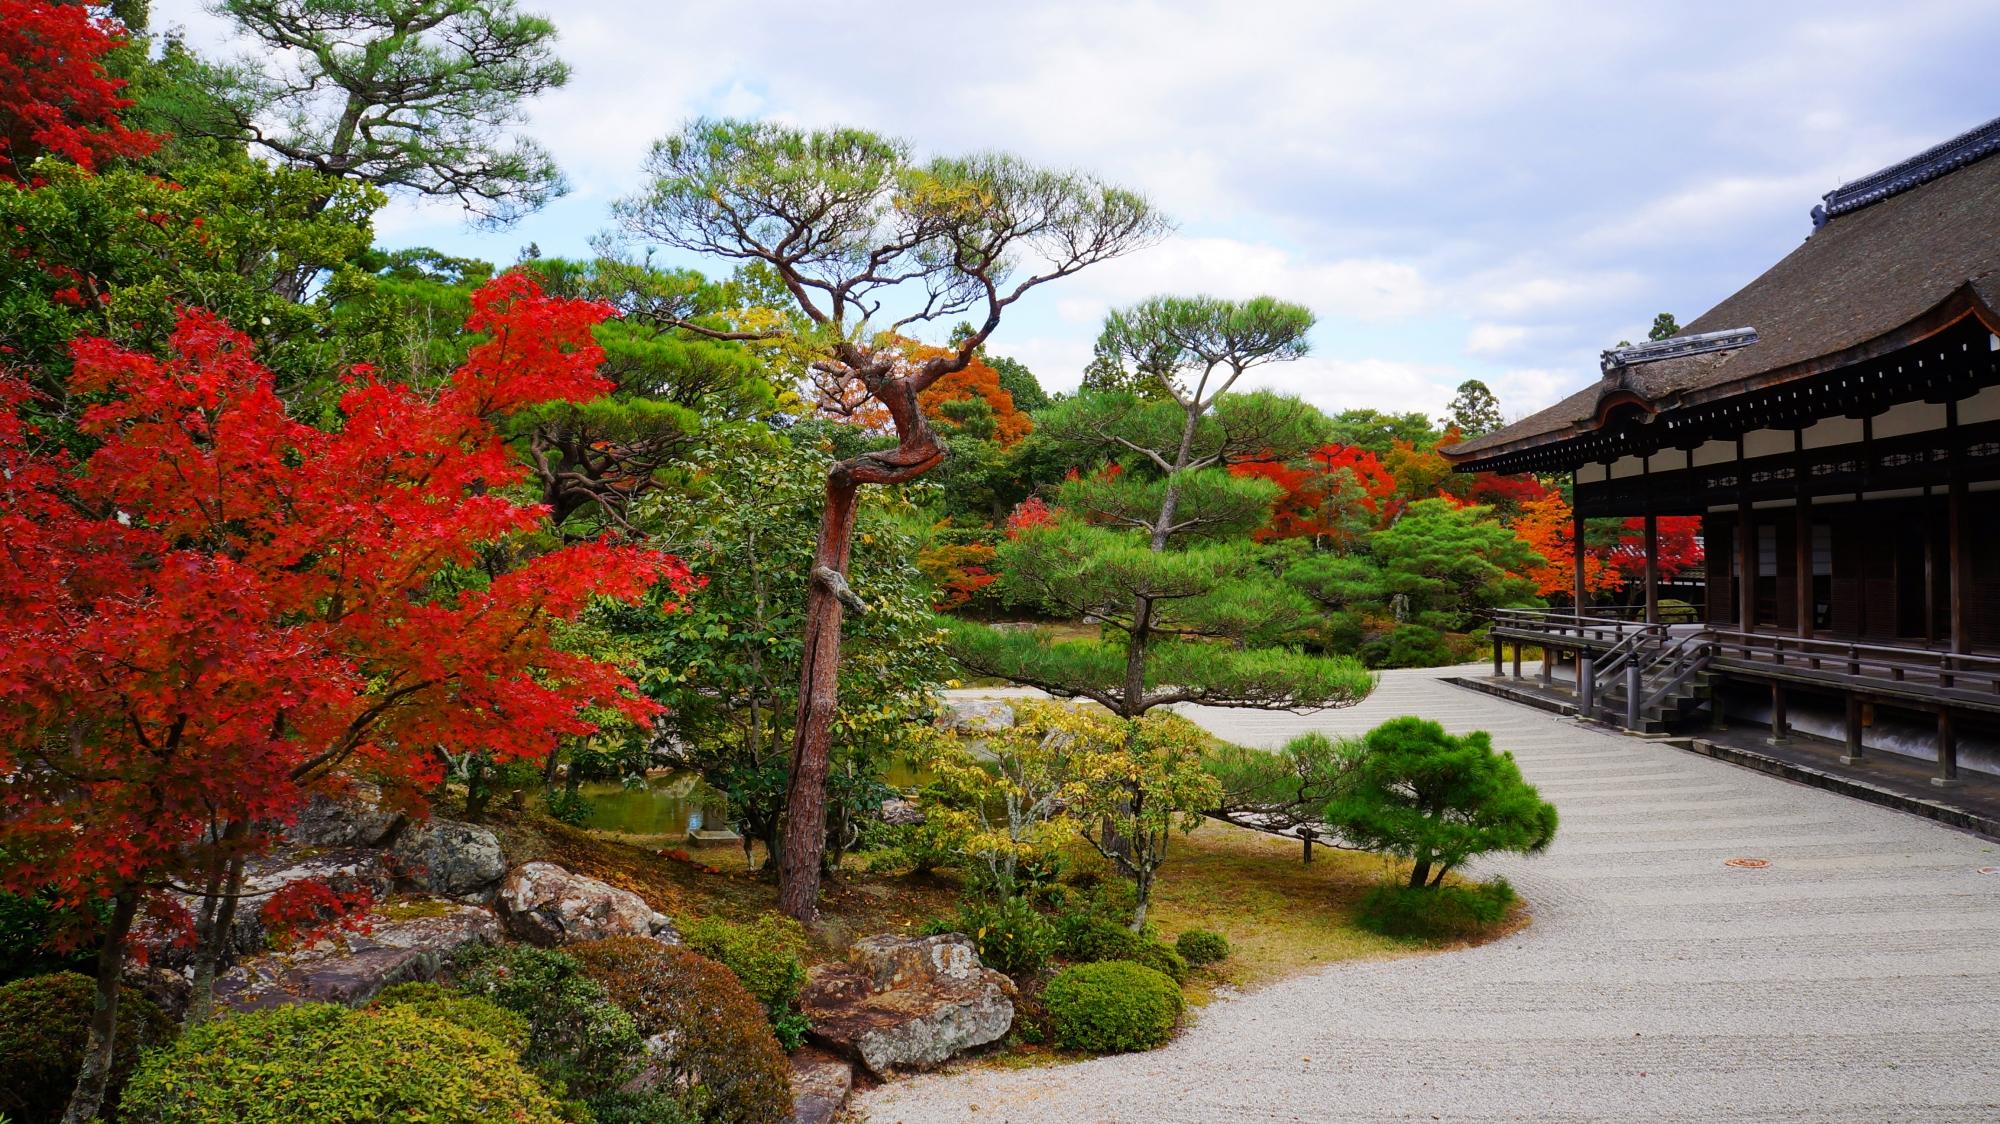 仁和寺 紅葉 御殿と庭園を彩る優美なもみじ